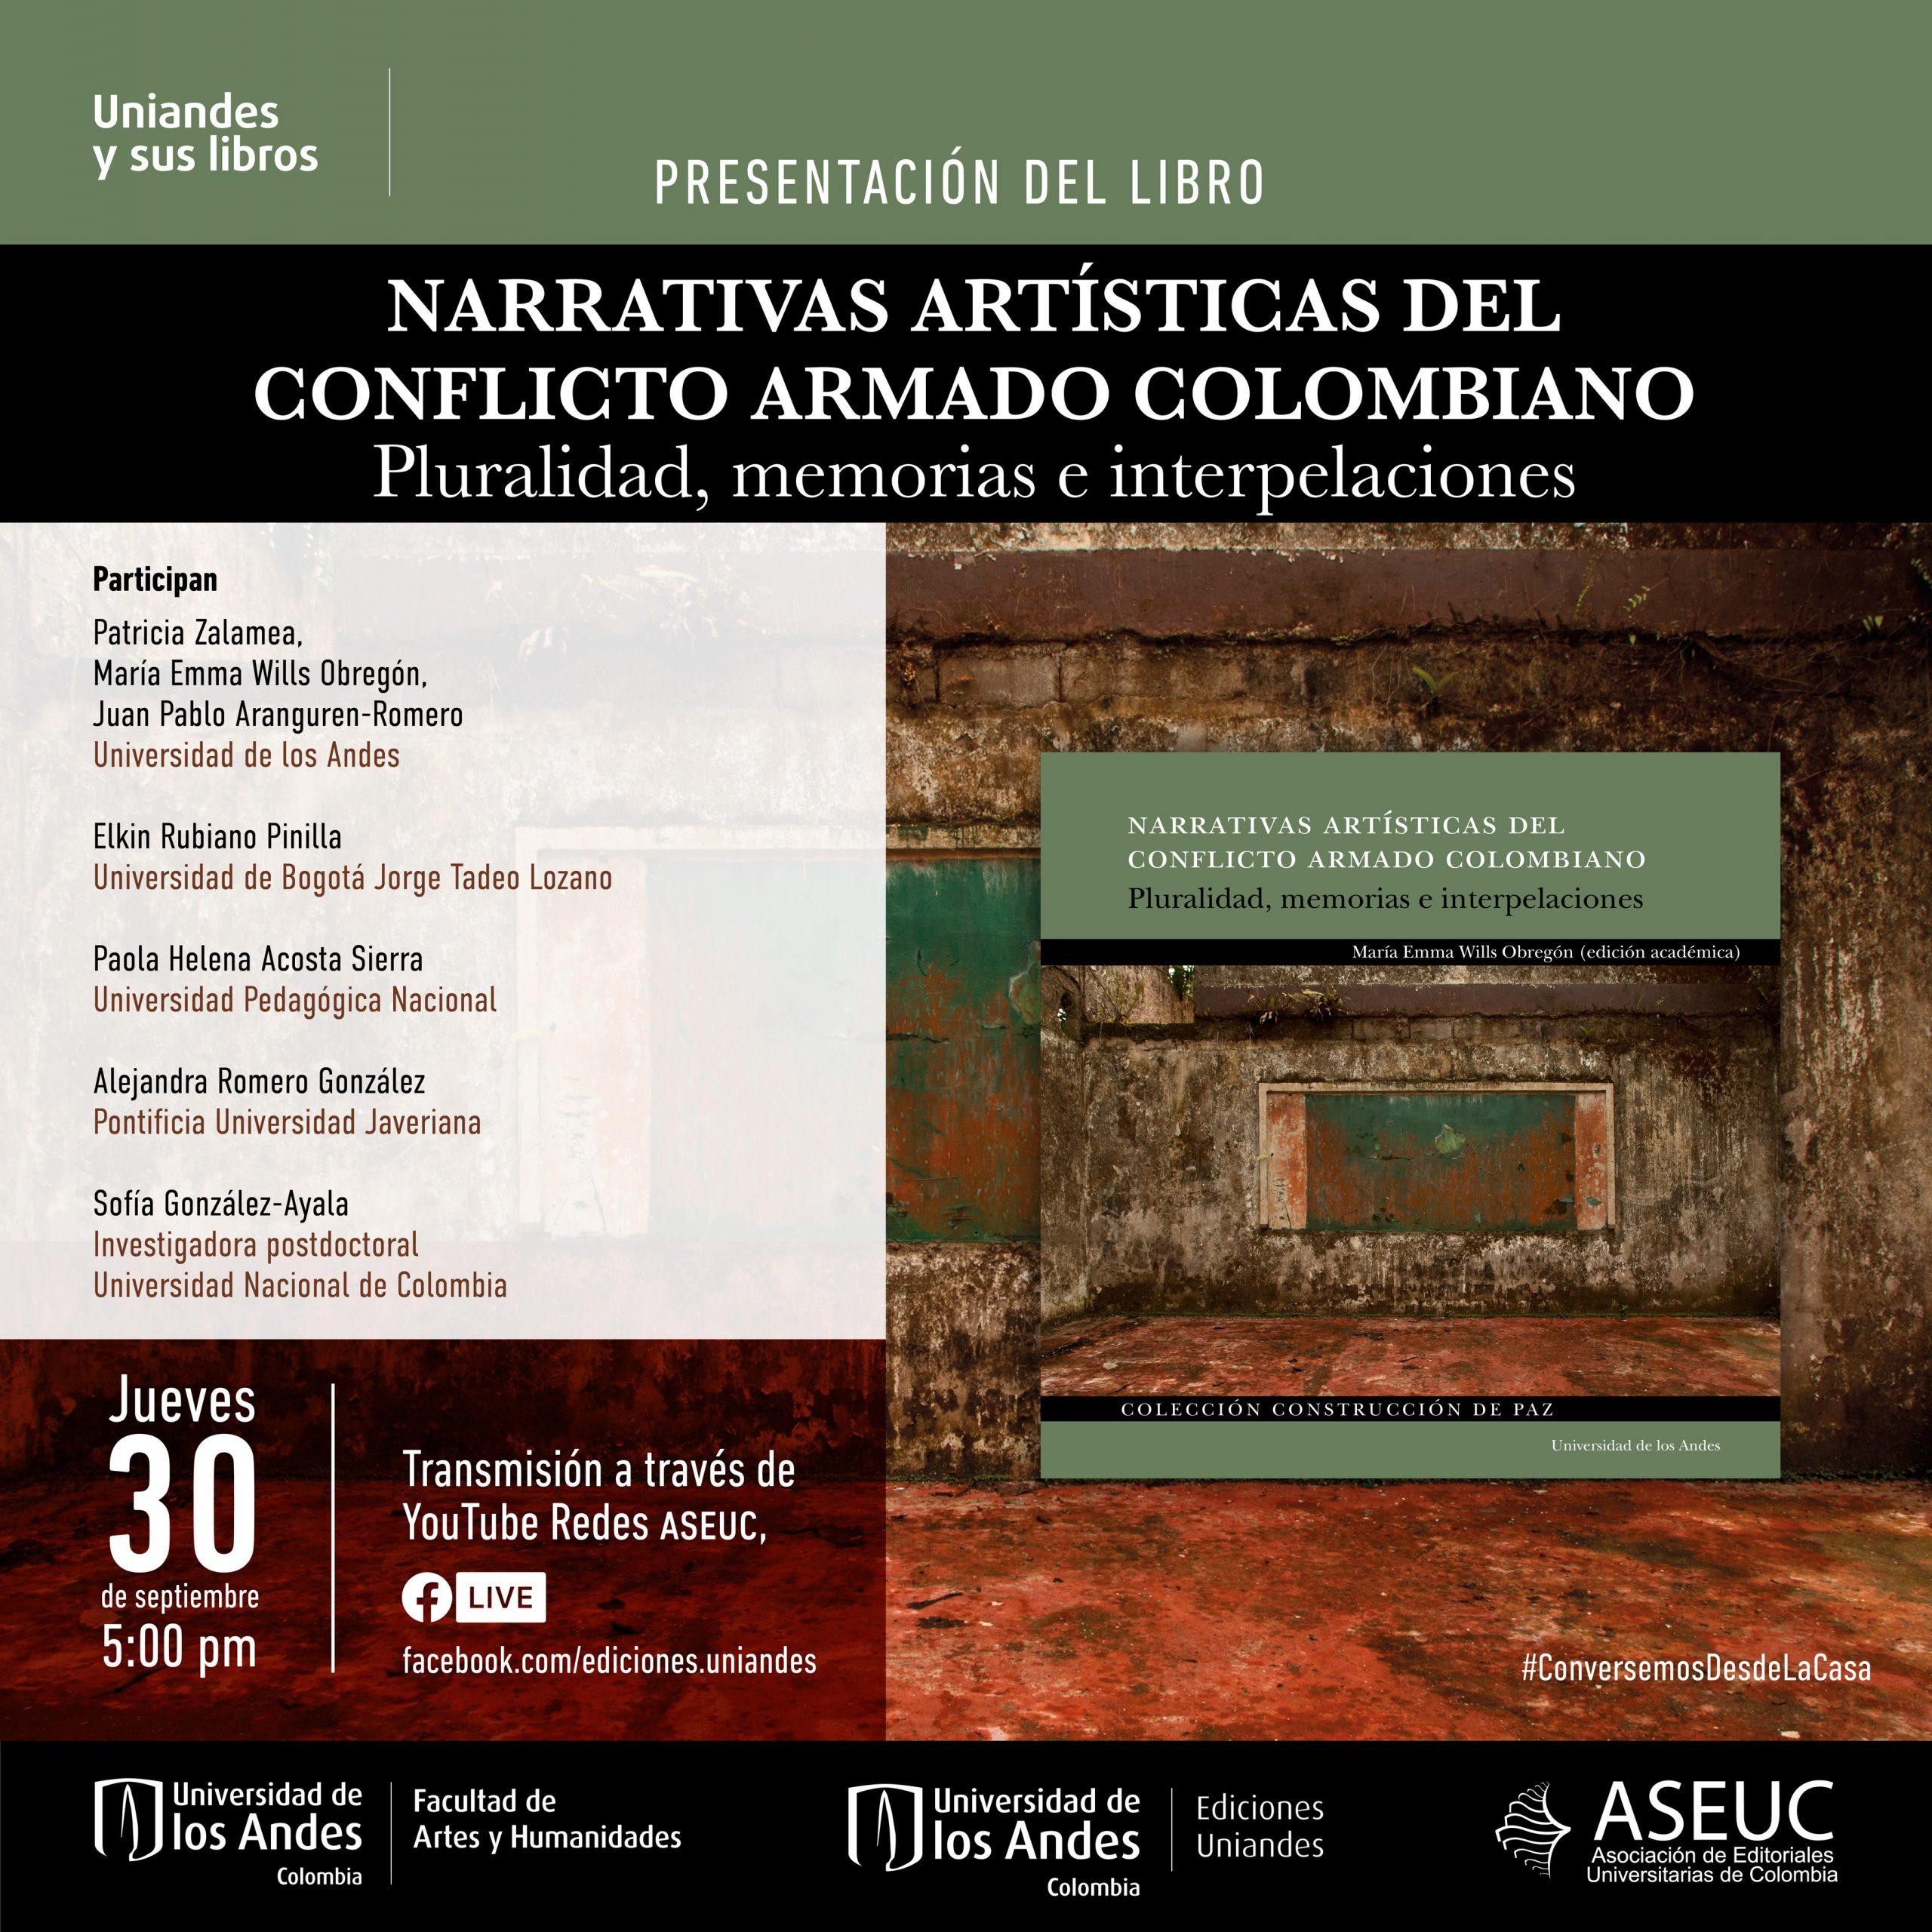 Presentación del libro: Narrativas artísticas del conflicto armado colombiano. Pluralidad, memorias e interpelacioness